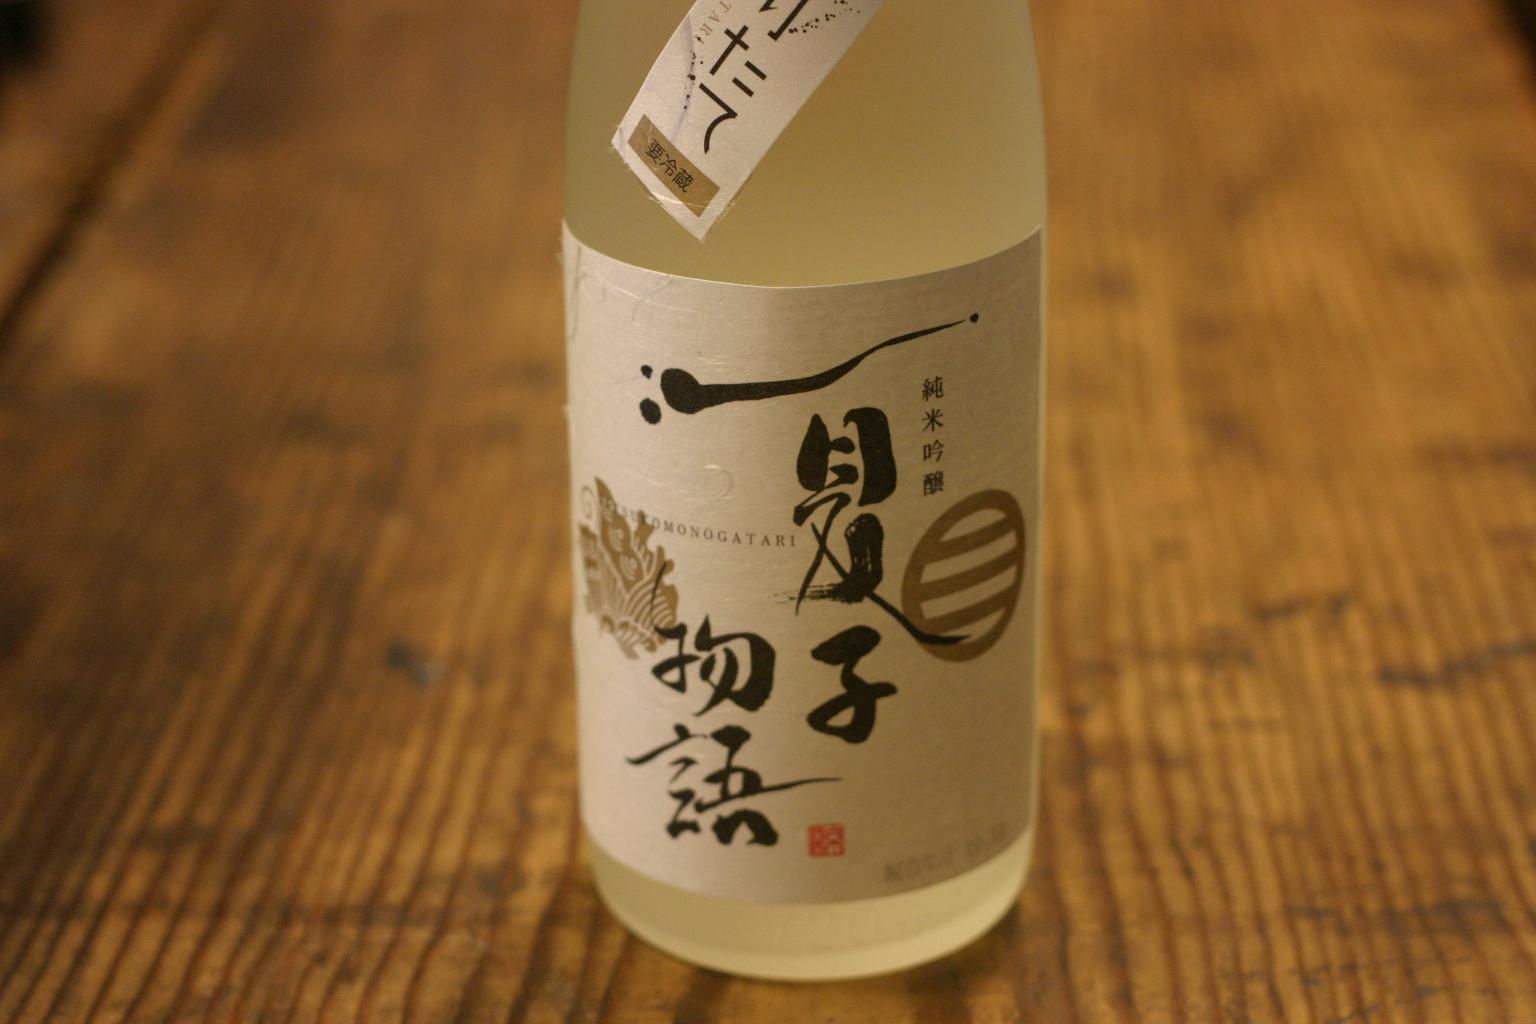 久須美酒造 純米吟醸 夏子物語 しぼりたて 倉庫 720ml 国内正規総代理店アイテム